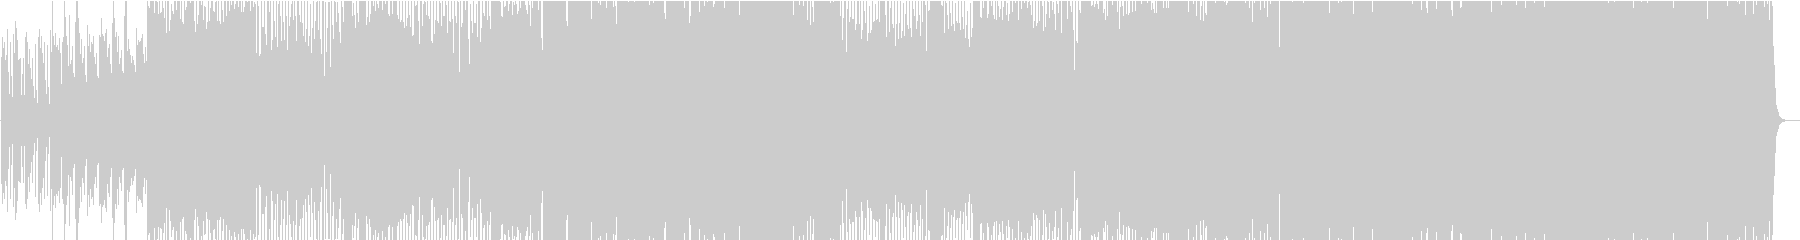 ドラムのビートがダンサブルなナンバーの未再生の波形